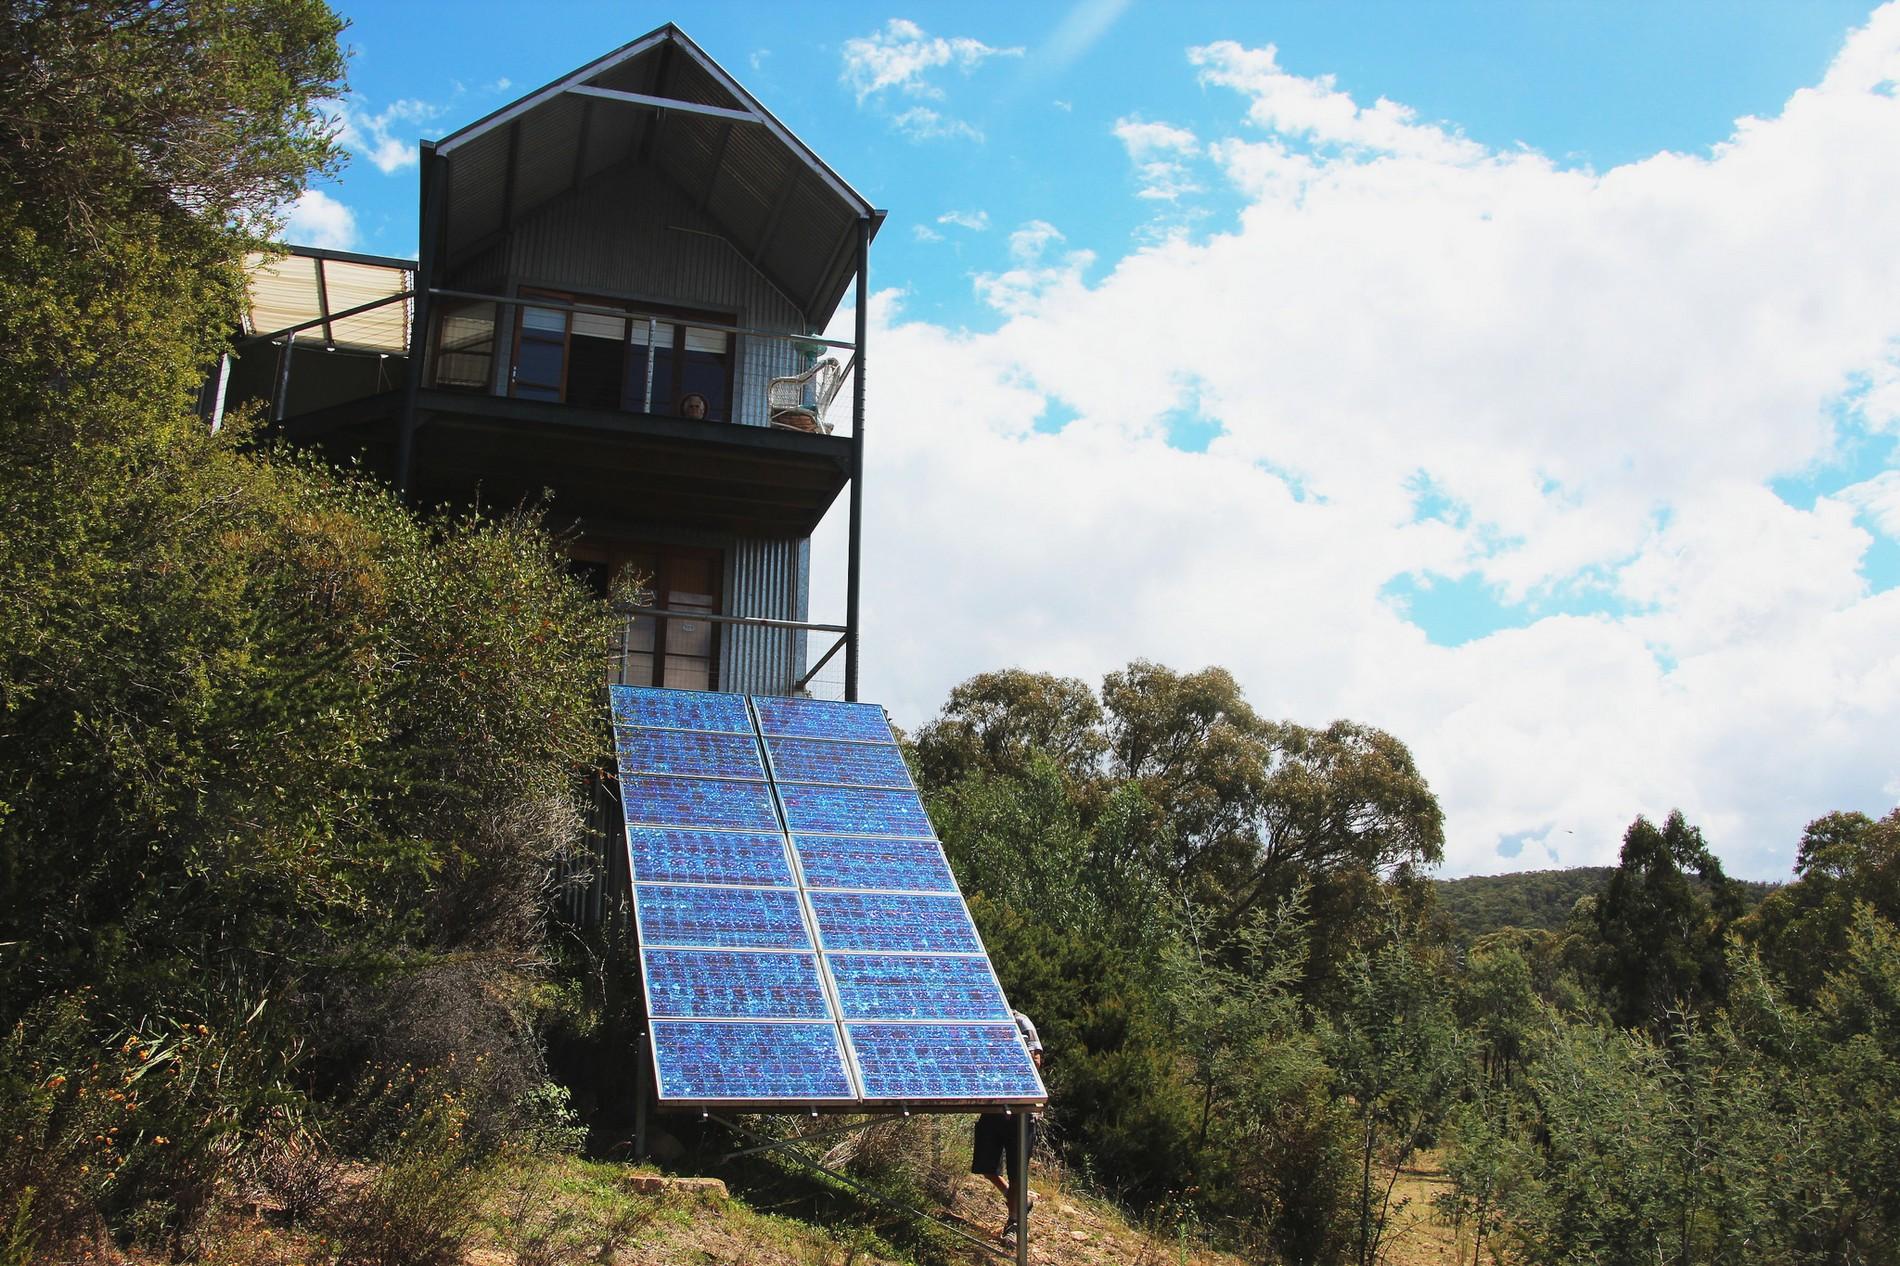 panneaux solaire prix et guide d 39 achat pour sa maison conomie solidaire. Black Bedroom Furniture Sets. Home Design Ideas